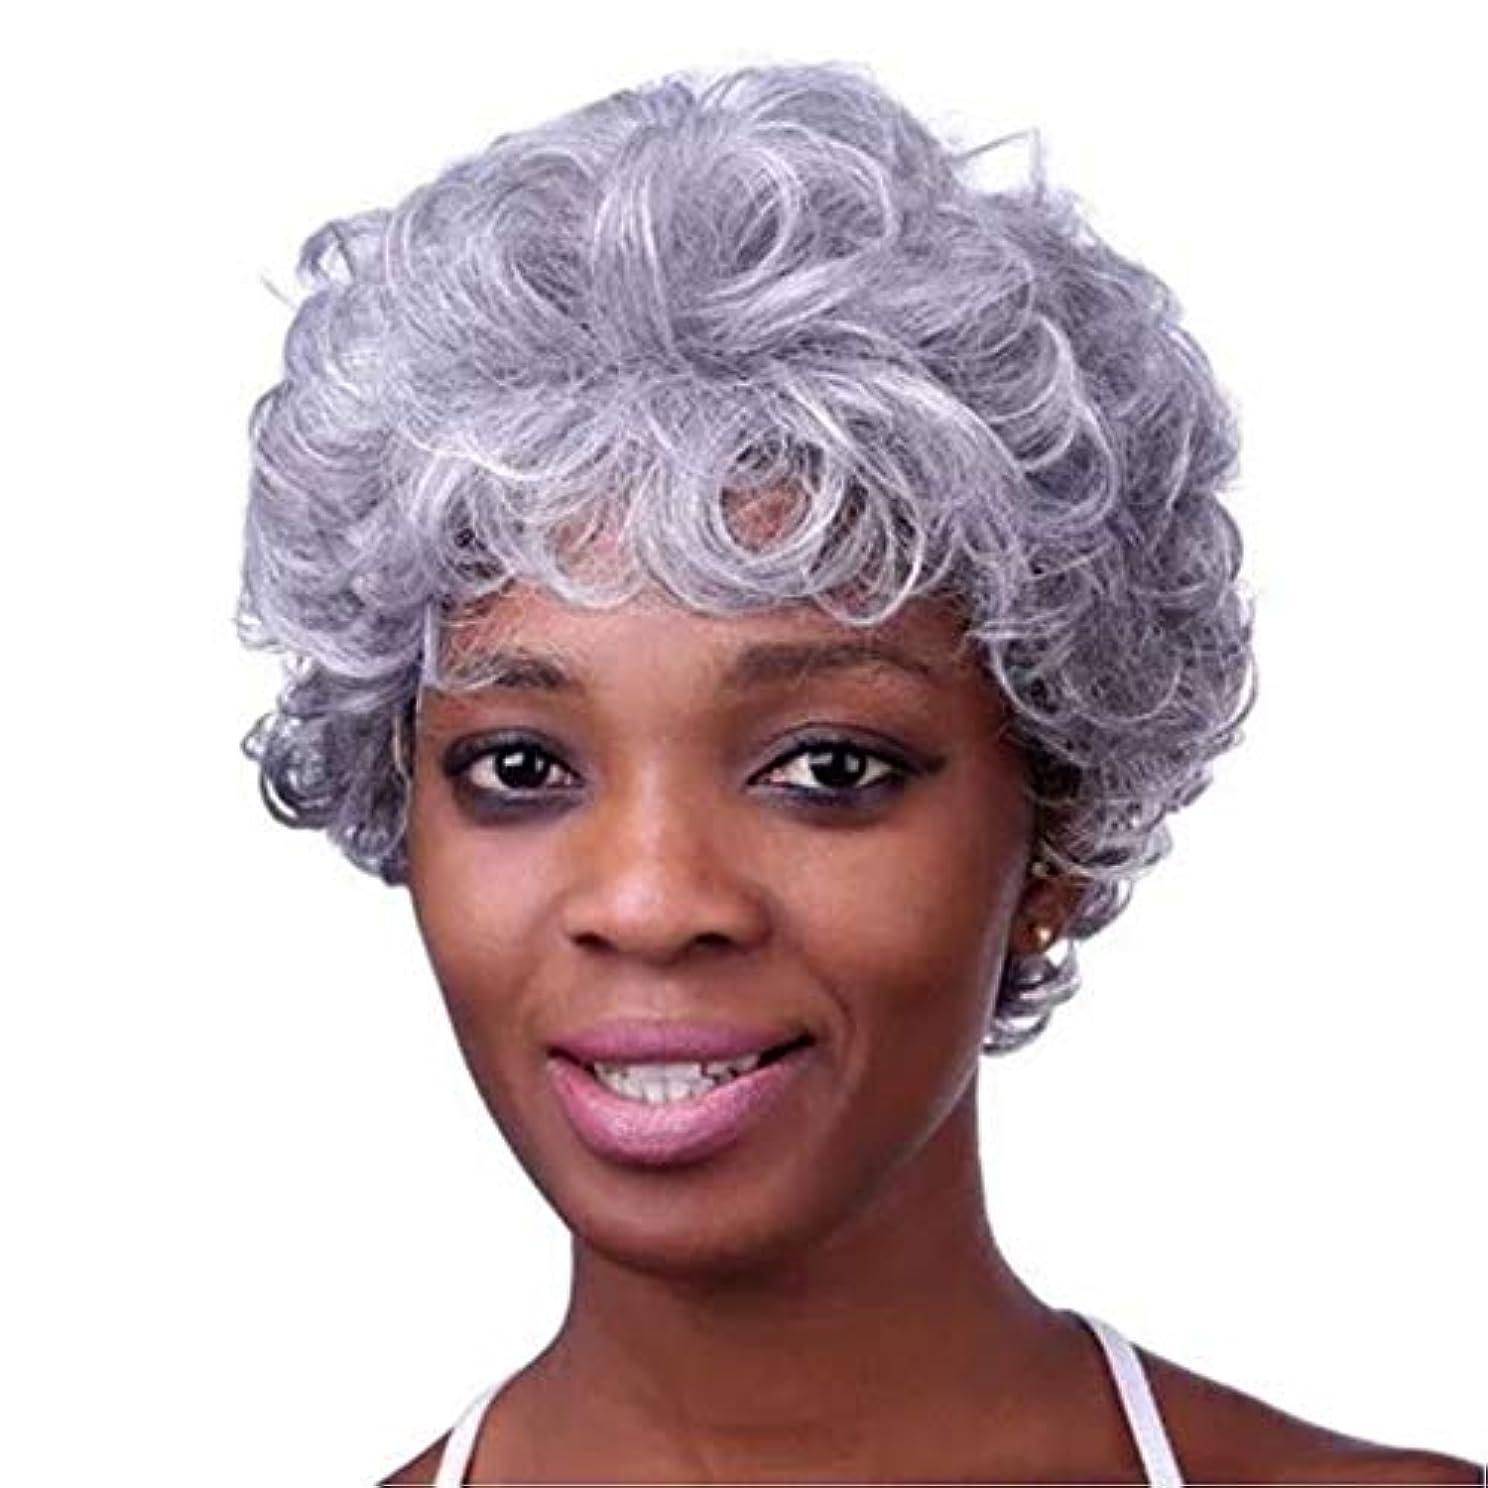 句欠伸マリンSummerys 本物の髪として女性のための前髪天然合成フルウィッグと白人女性ストレートグレーの髪のかつらをショートウィッグ